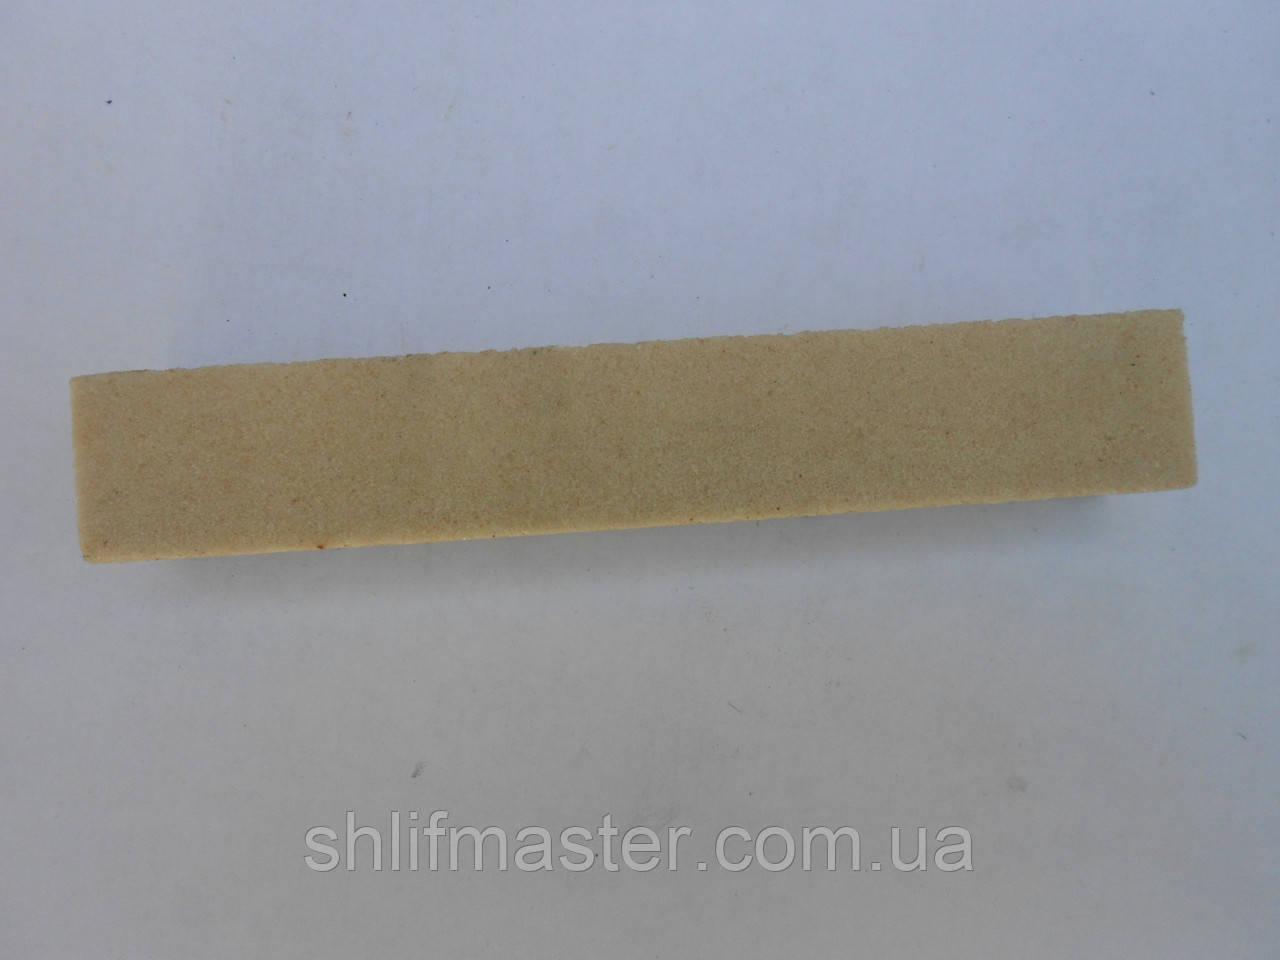 Брусок заточной абразивный 25А (электрокорунд белый) БП 100х10х8 8 Т